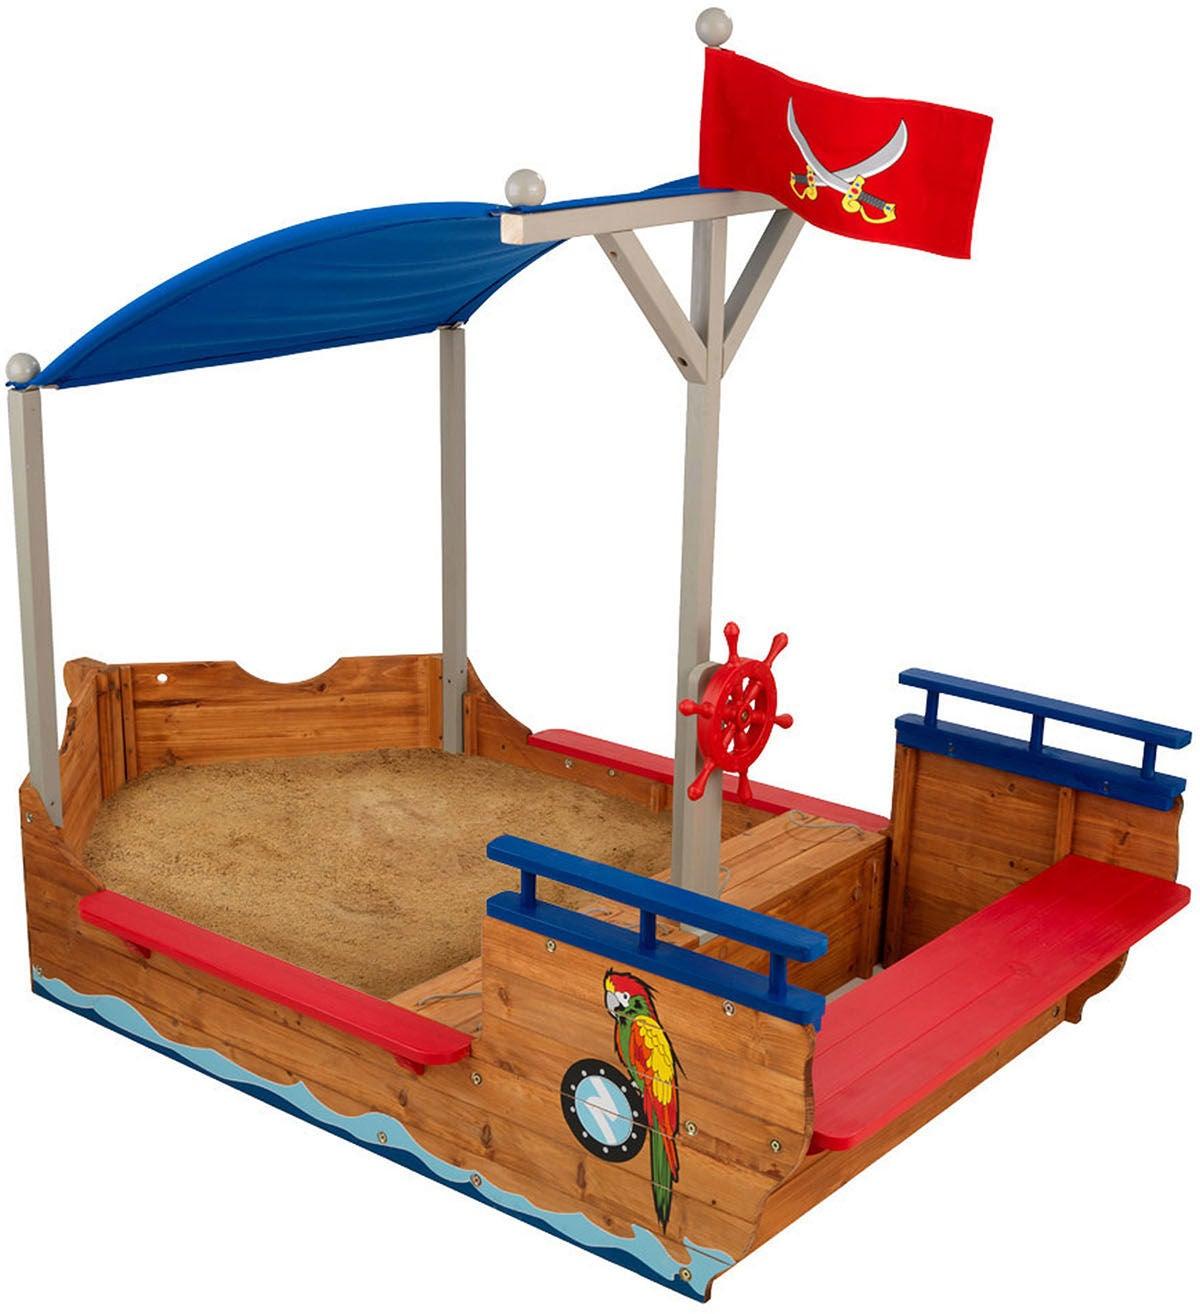 KidKraft Sandlåda Piratskepp